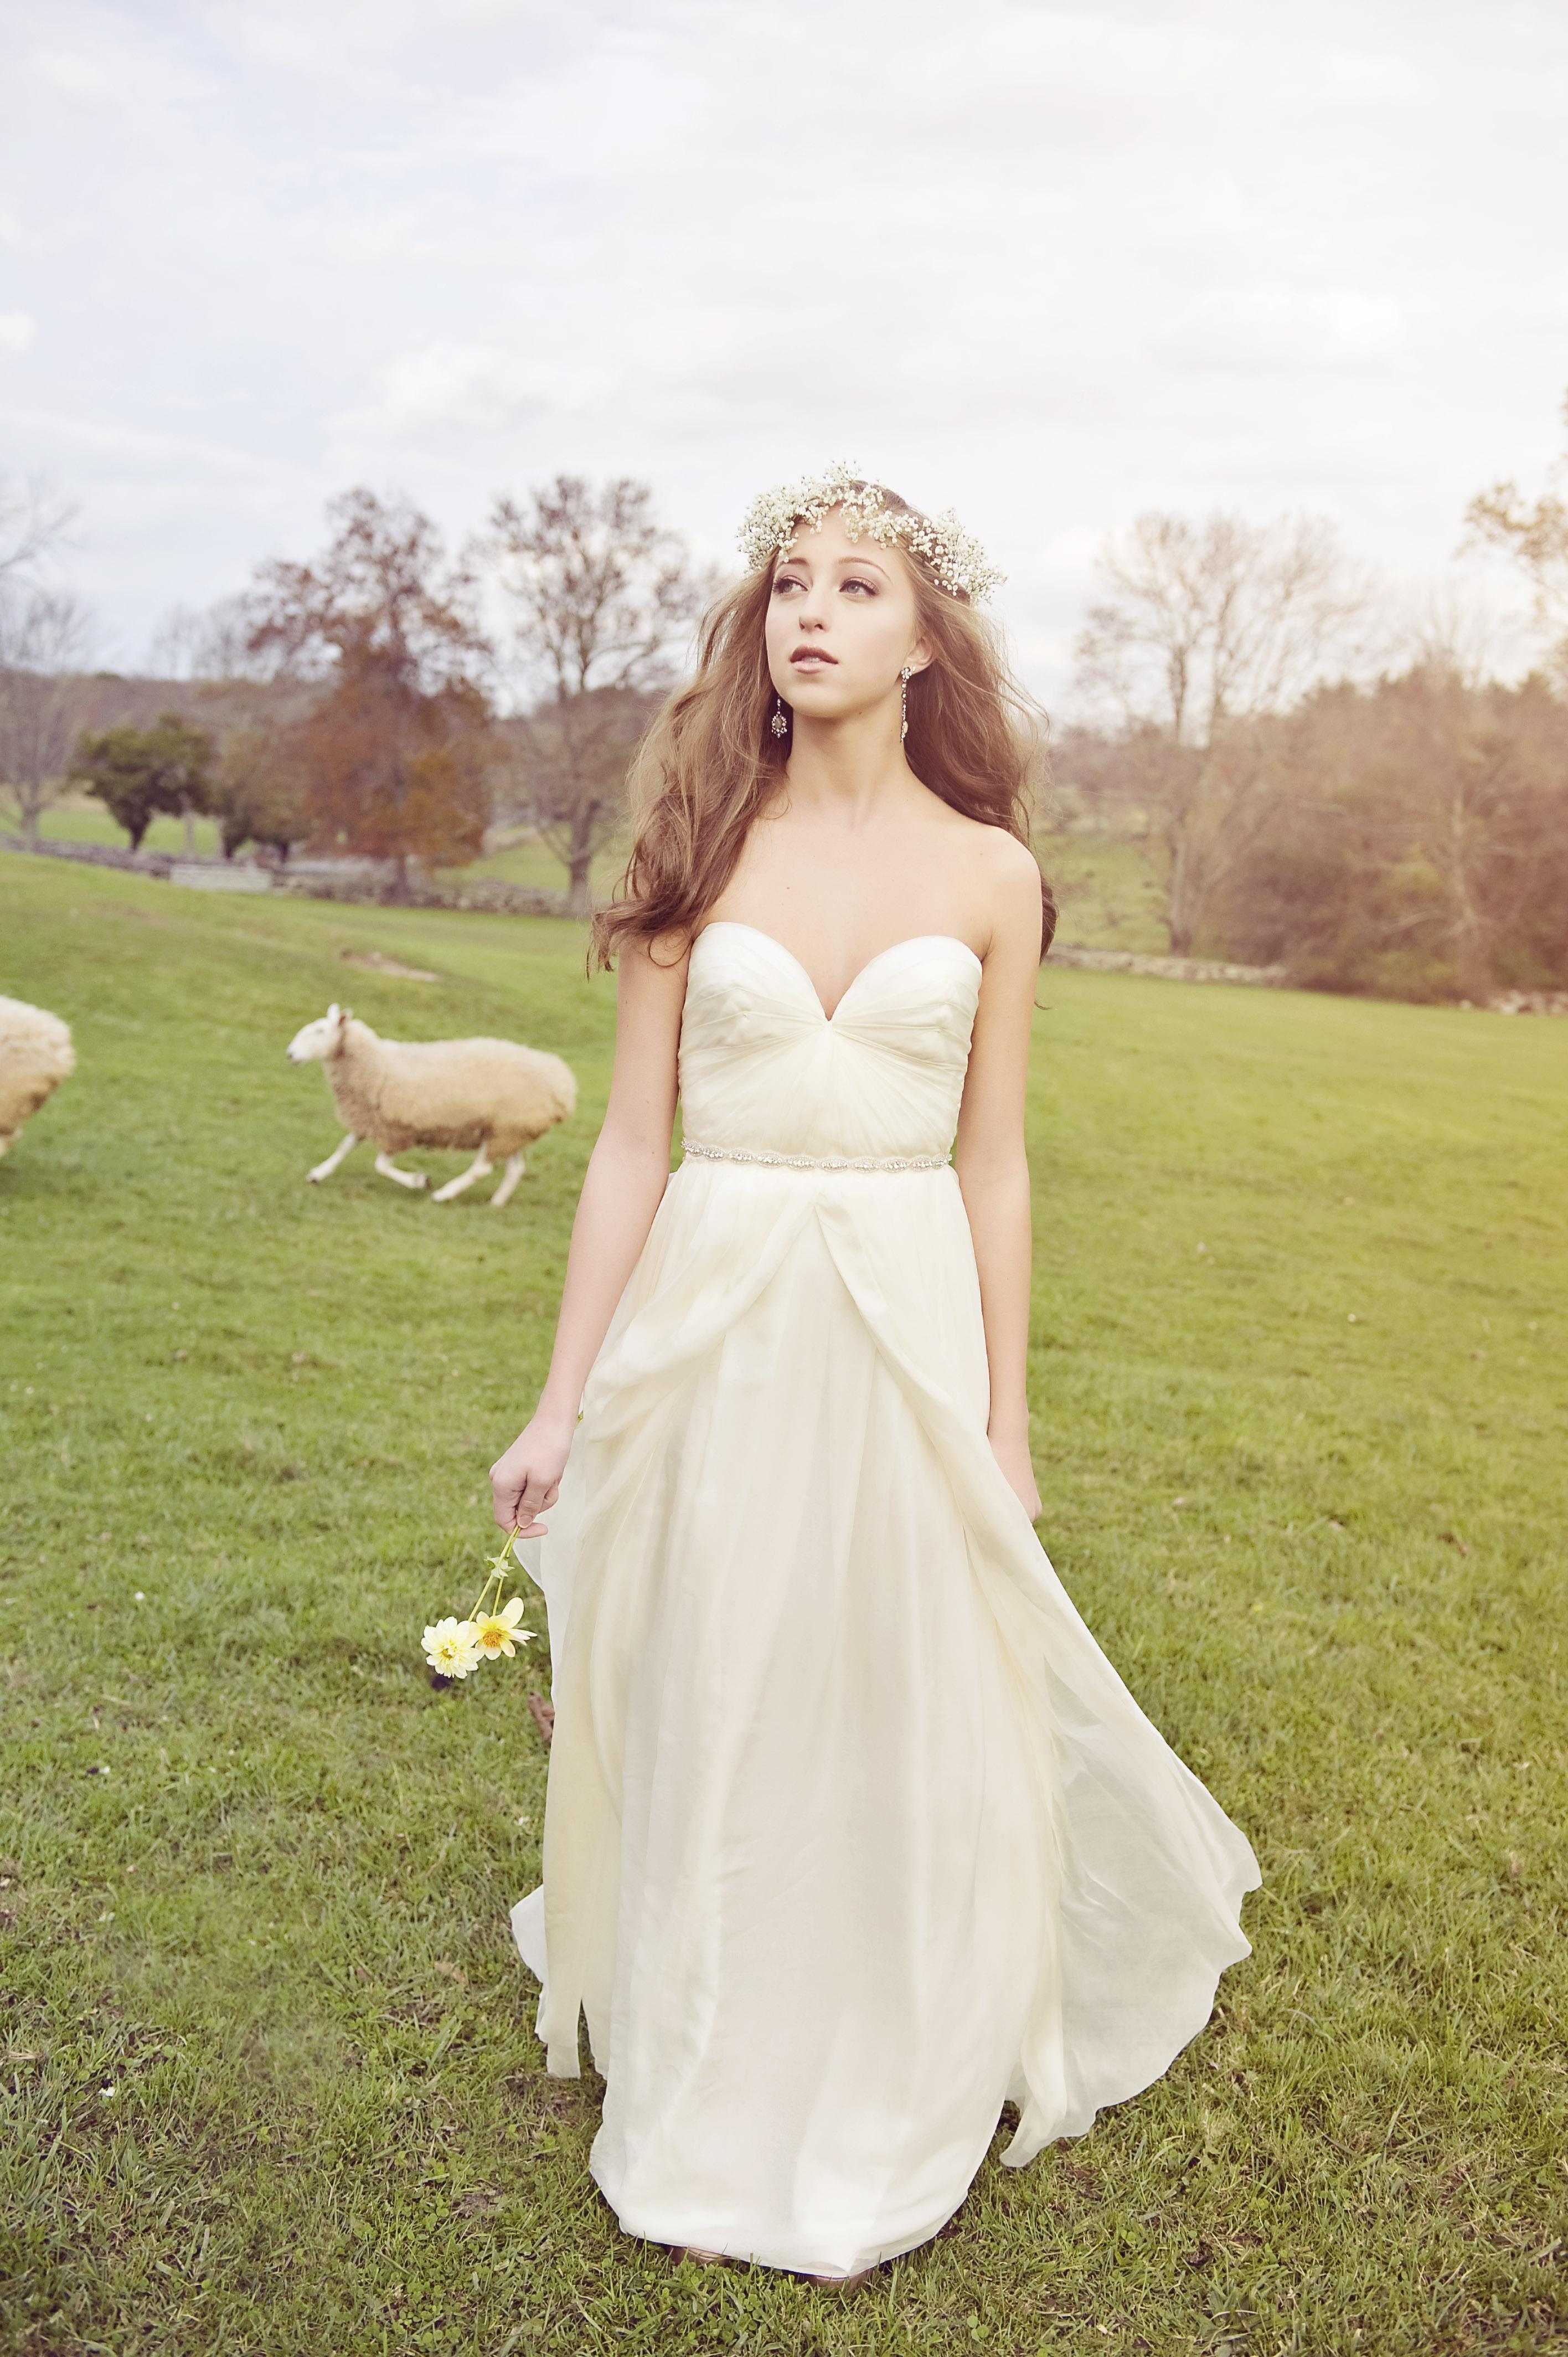 I: Desert Country Wedding Dresses At Websimilar.org